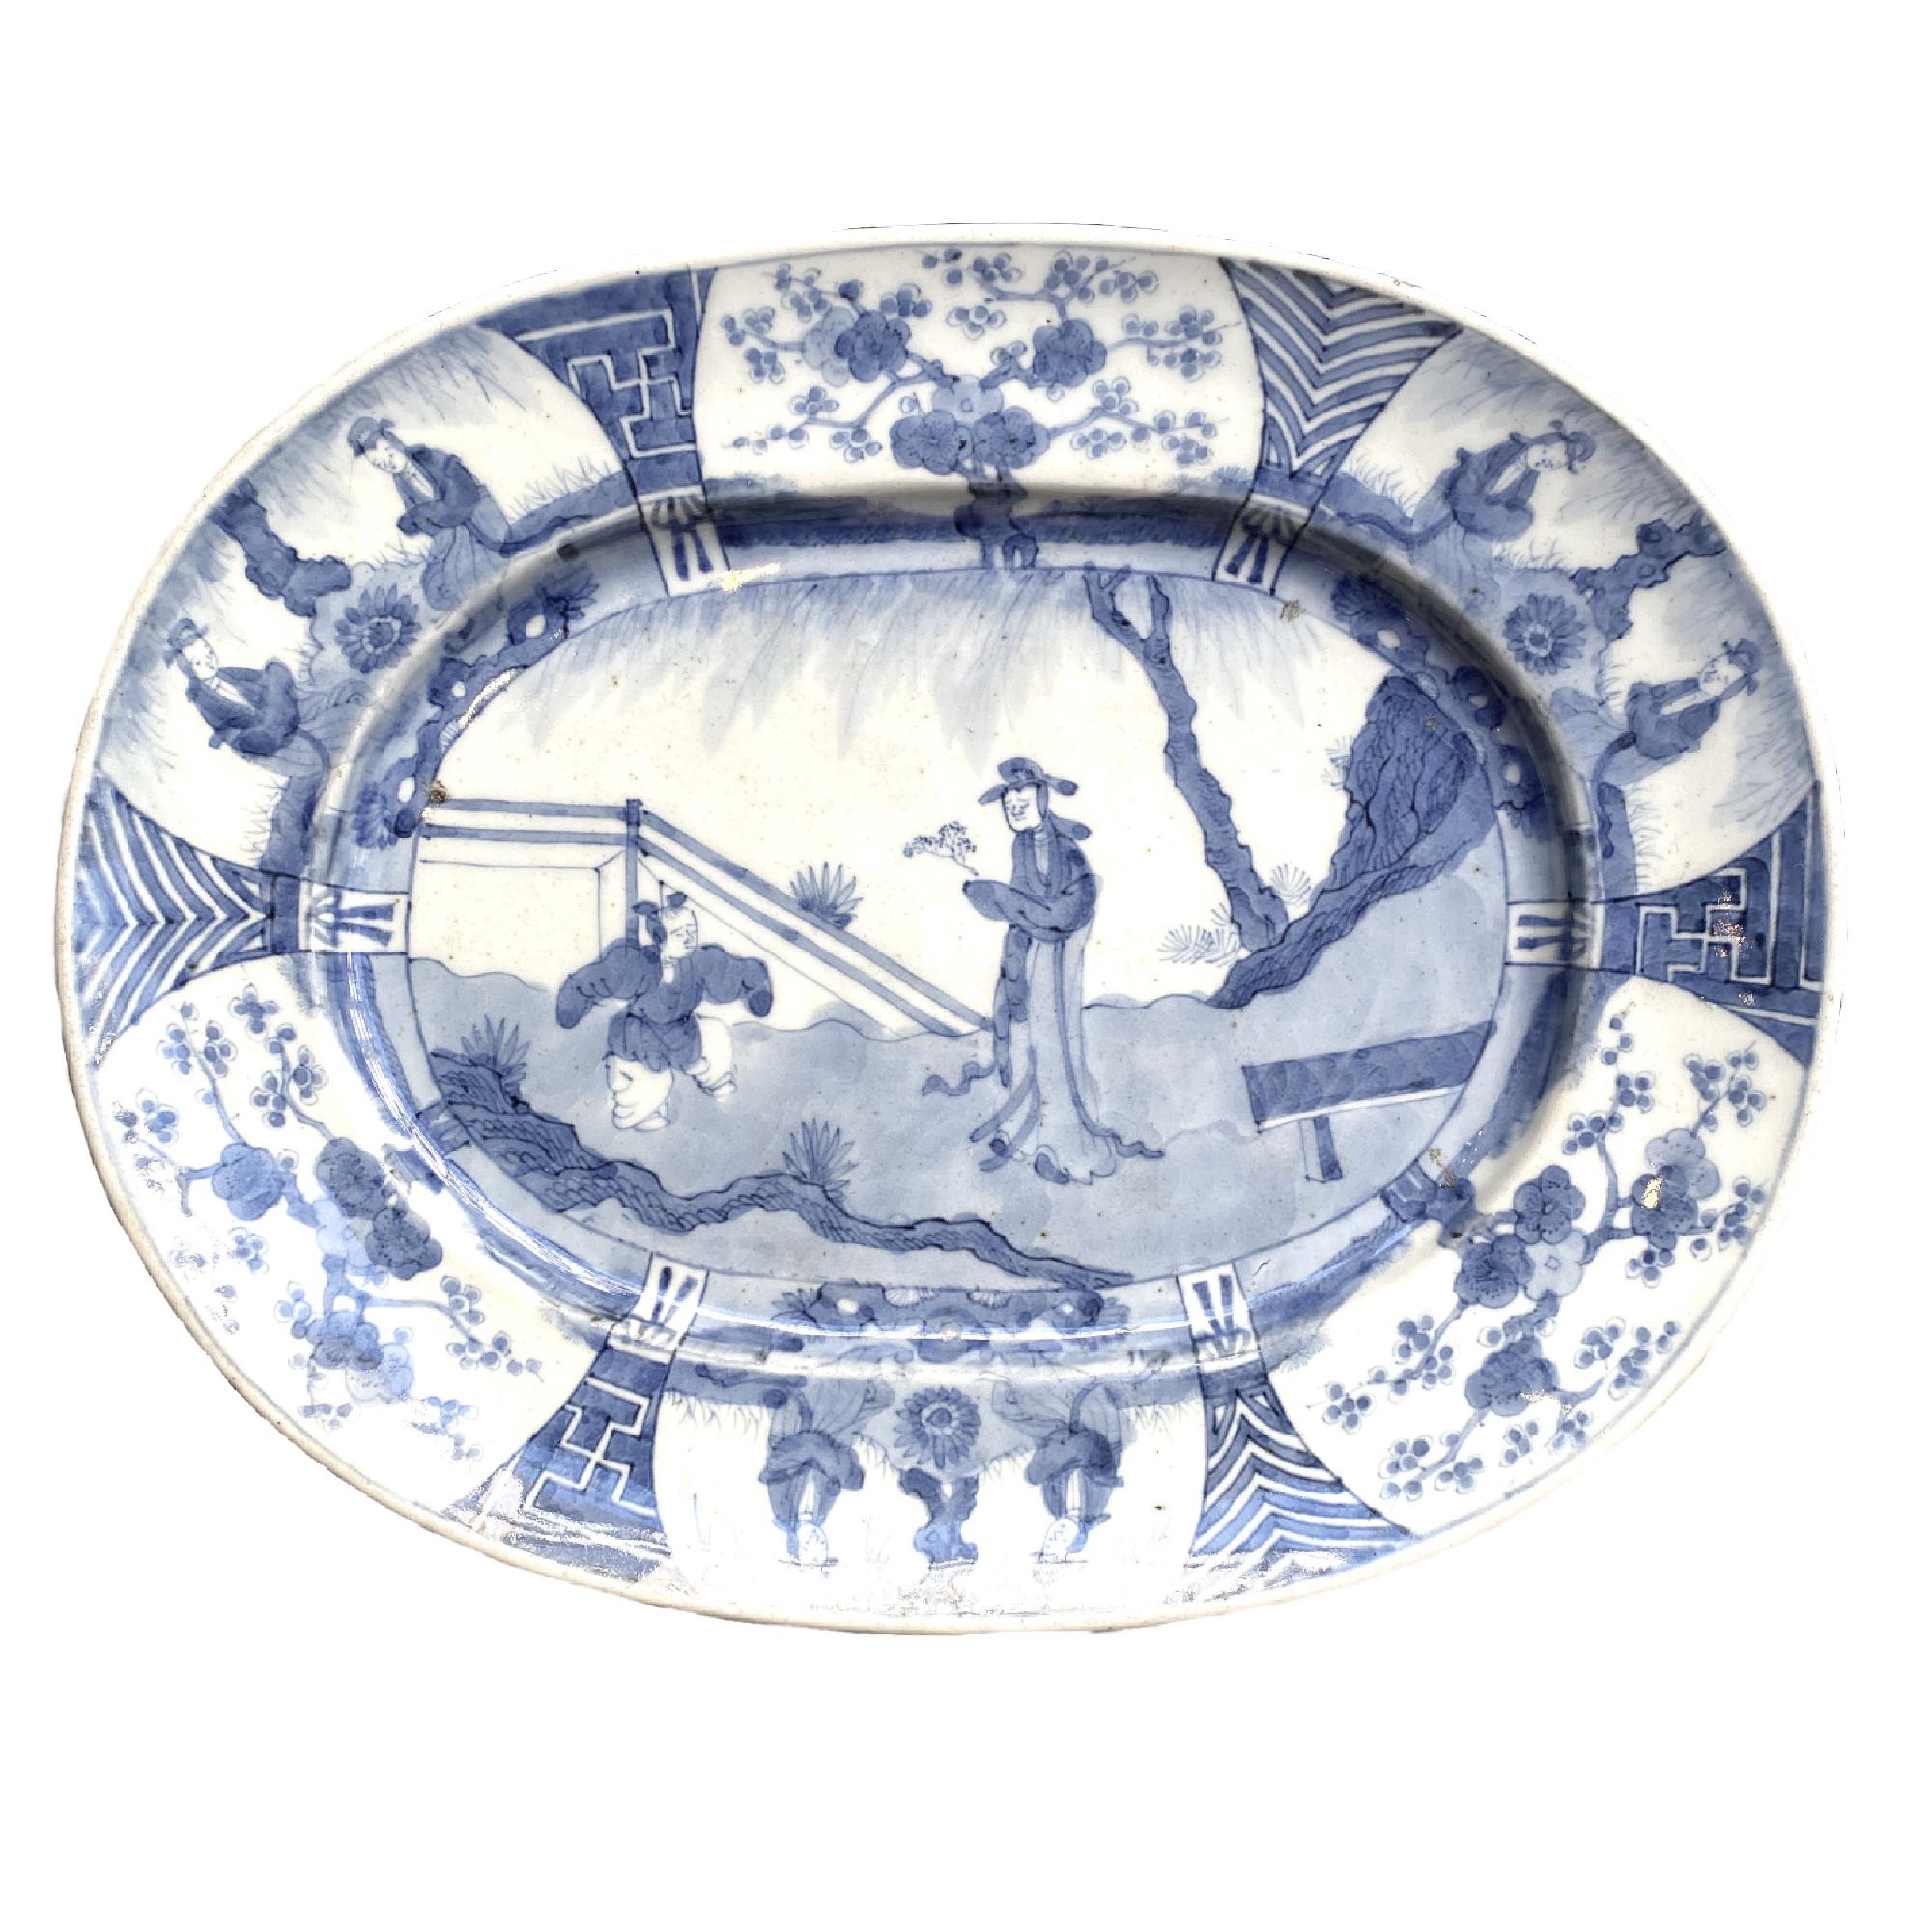 Japon, Plat en porcelaine bleu blanc, Arita, début du 18ème siècle.